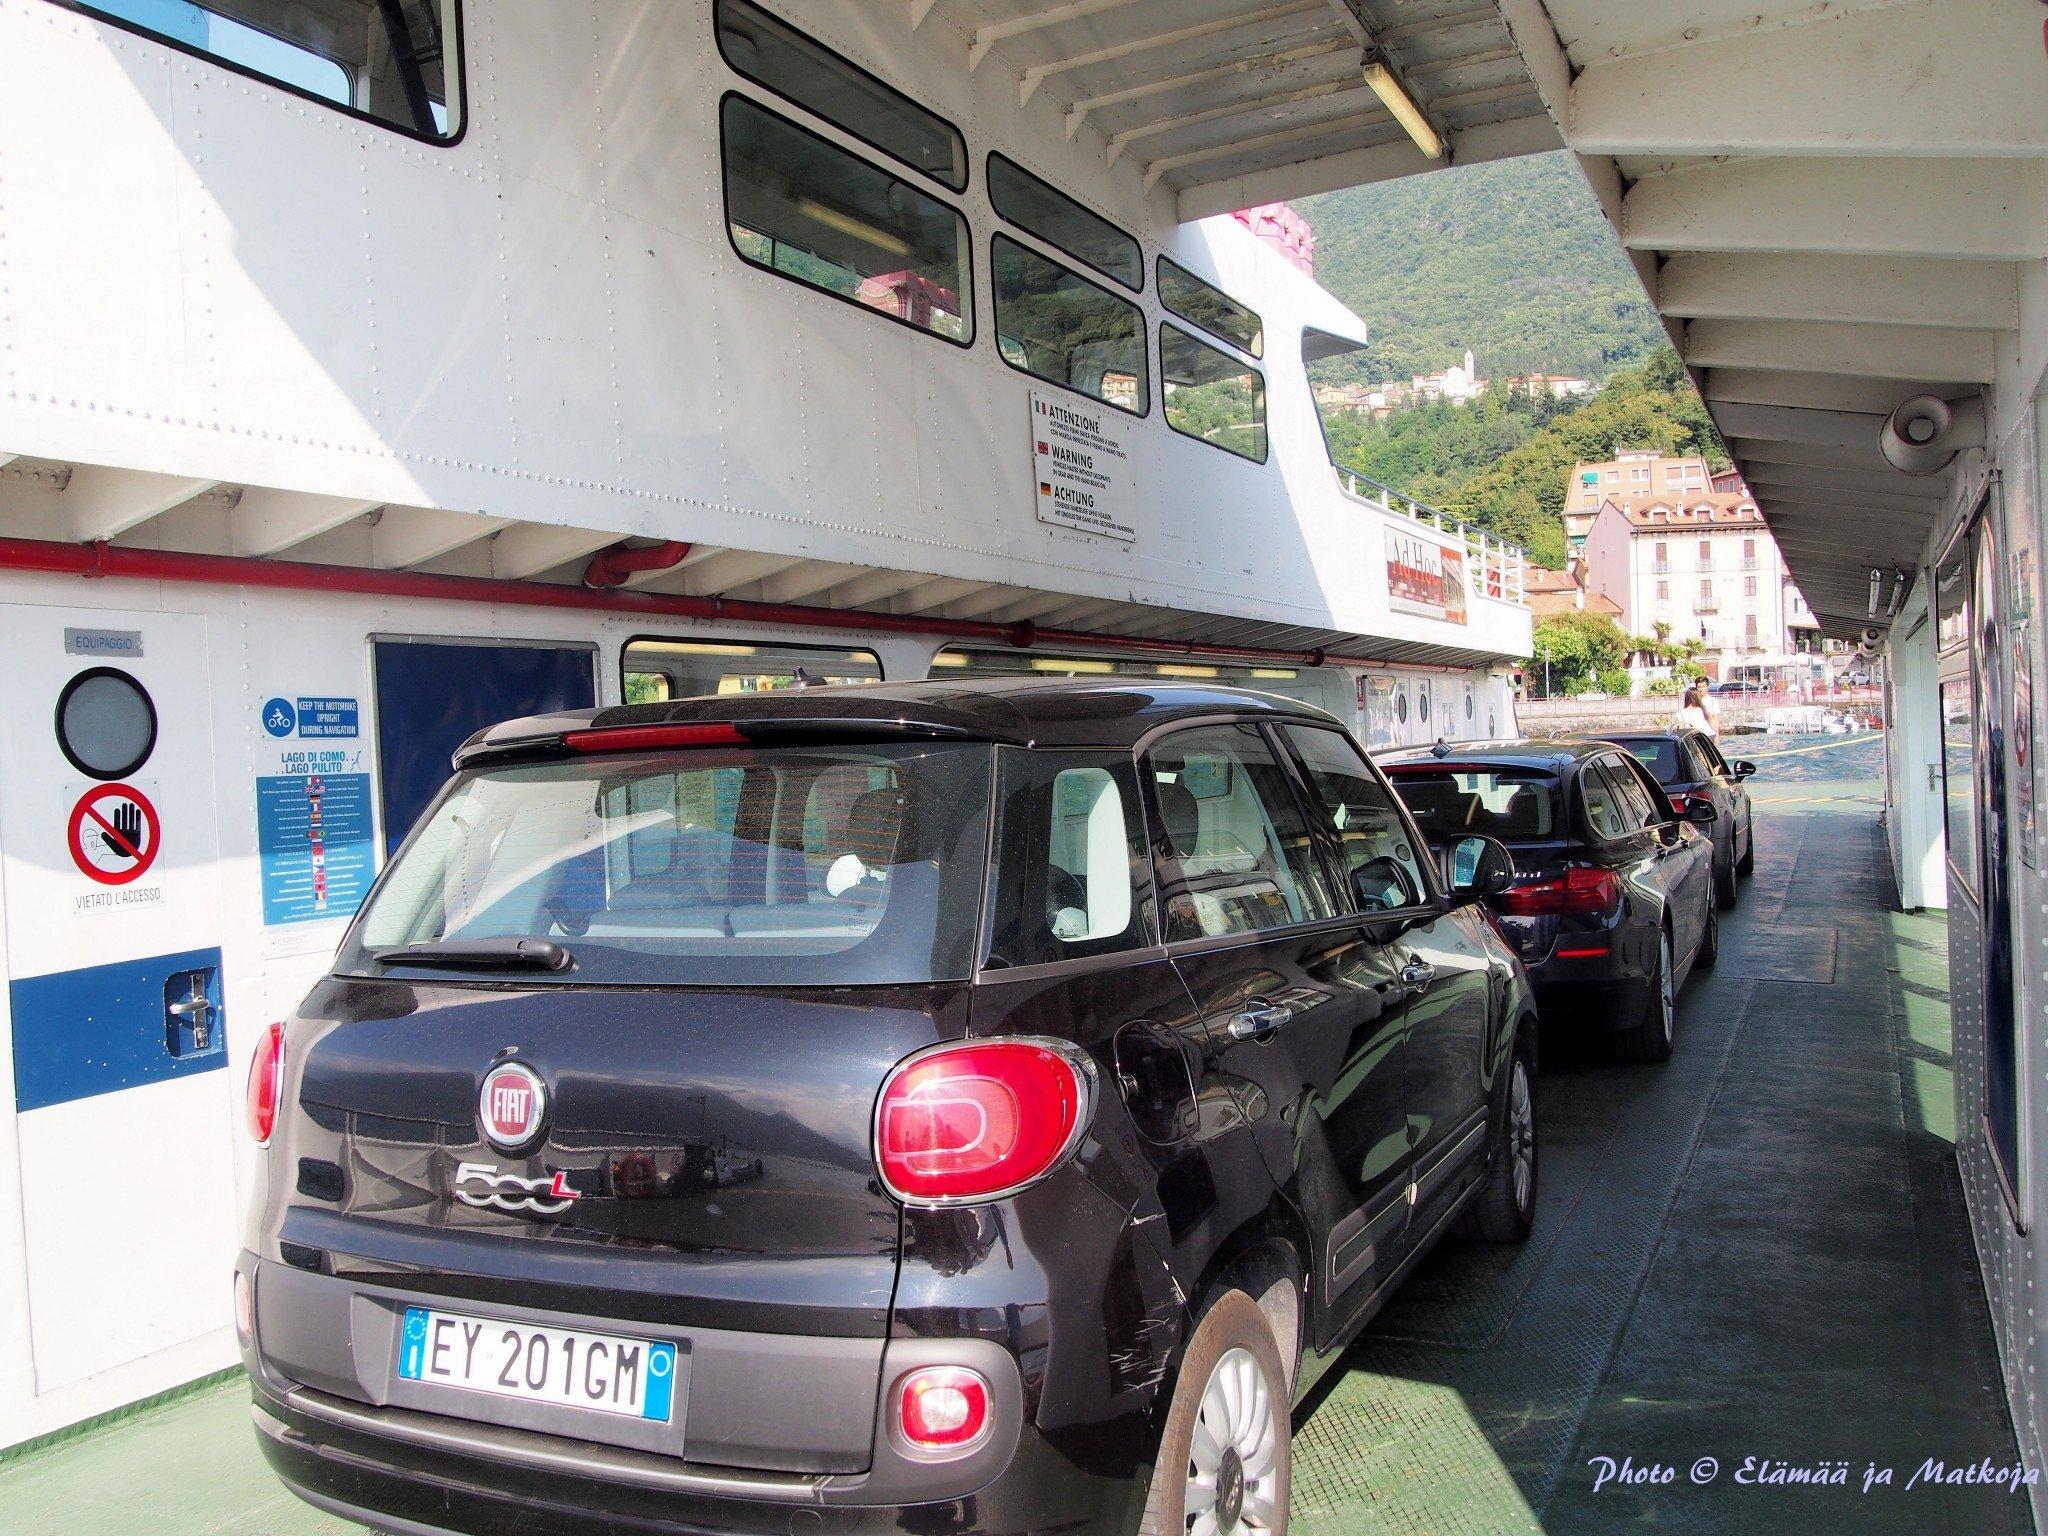 Ei mikää Ferrari, mutta näppärä Cinquecento Largomme matkalla Bellagioon. Photo © Elämää ja Matkoja